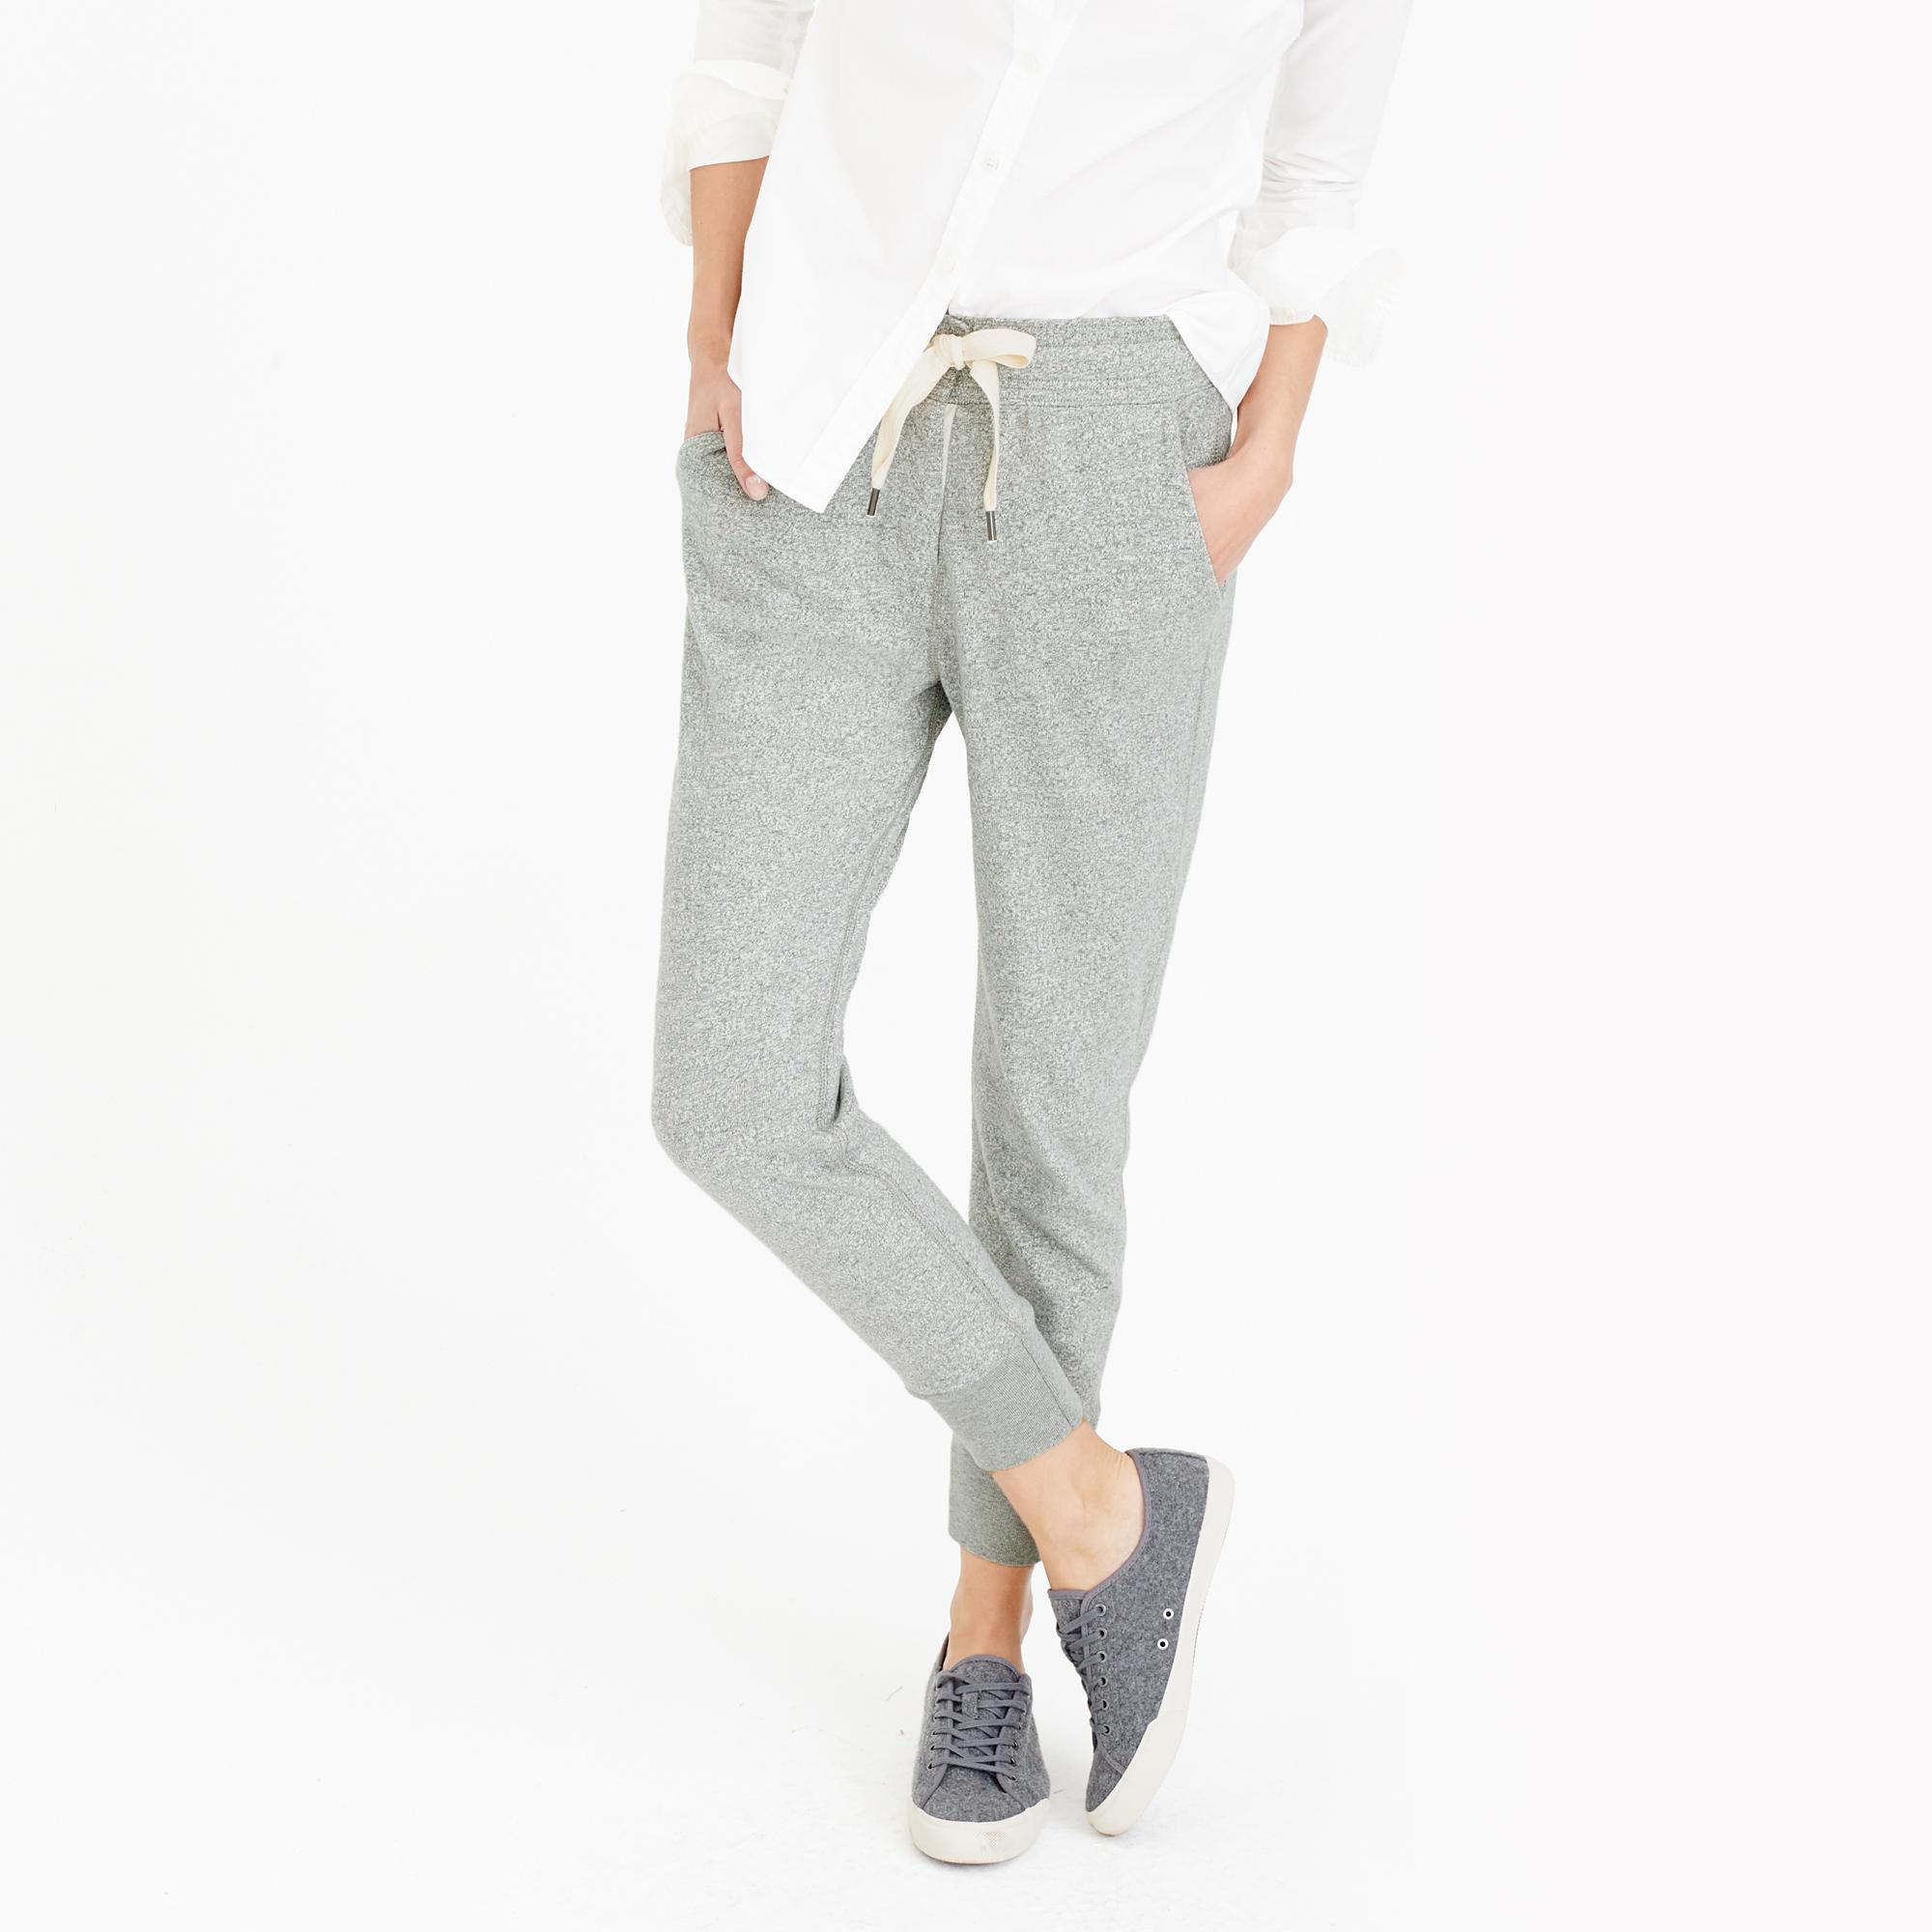 Skinny trouser sweatpant : Women sweatpants & leggings | J ...